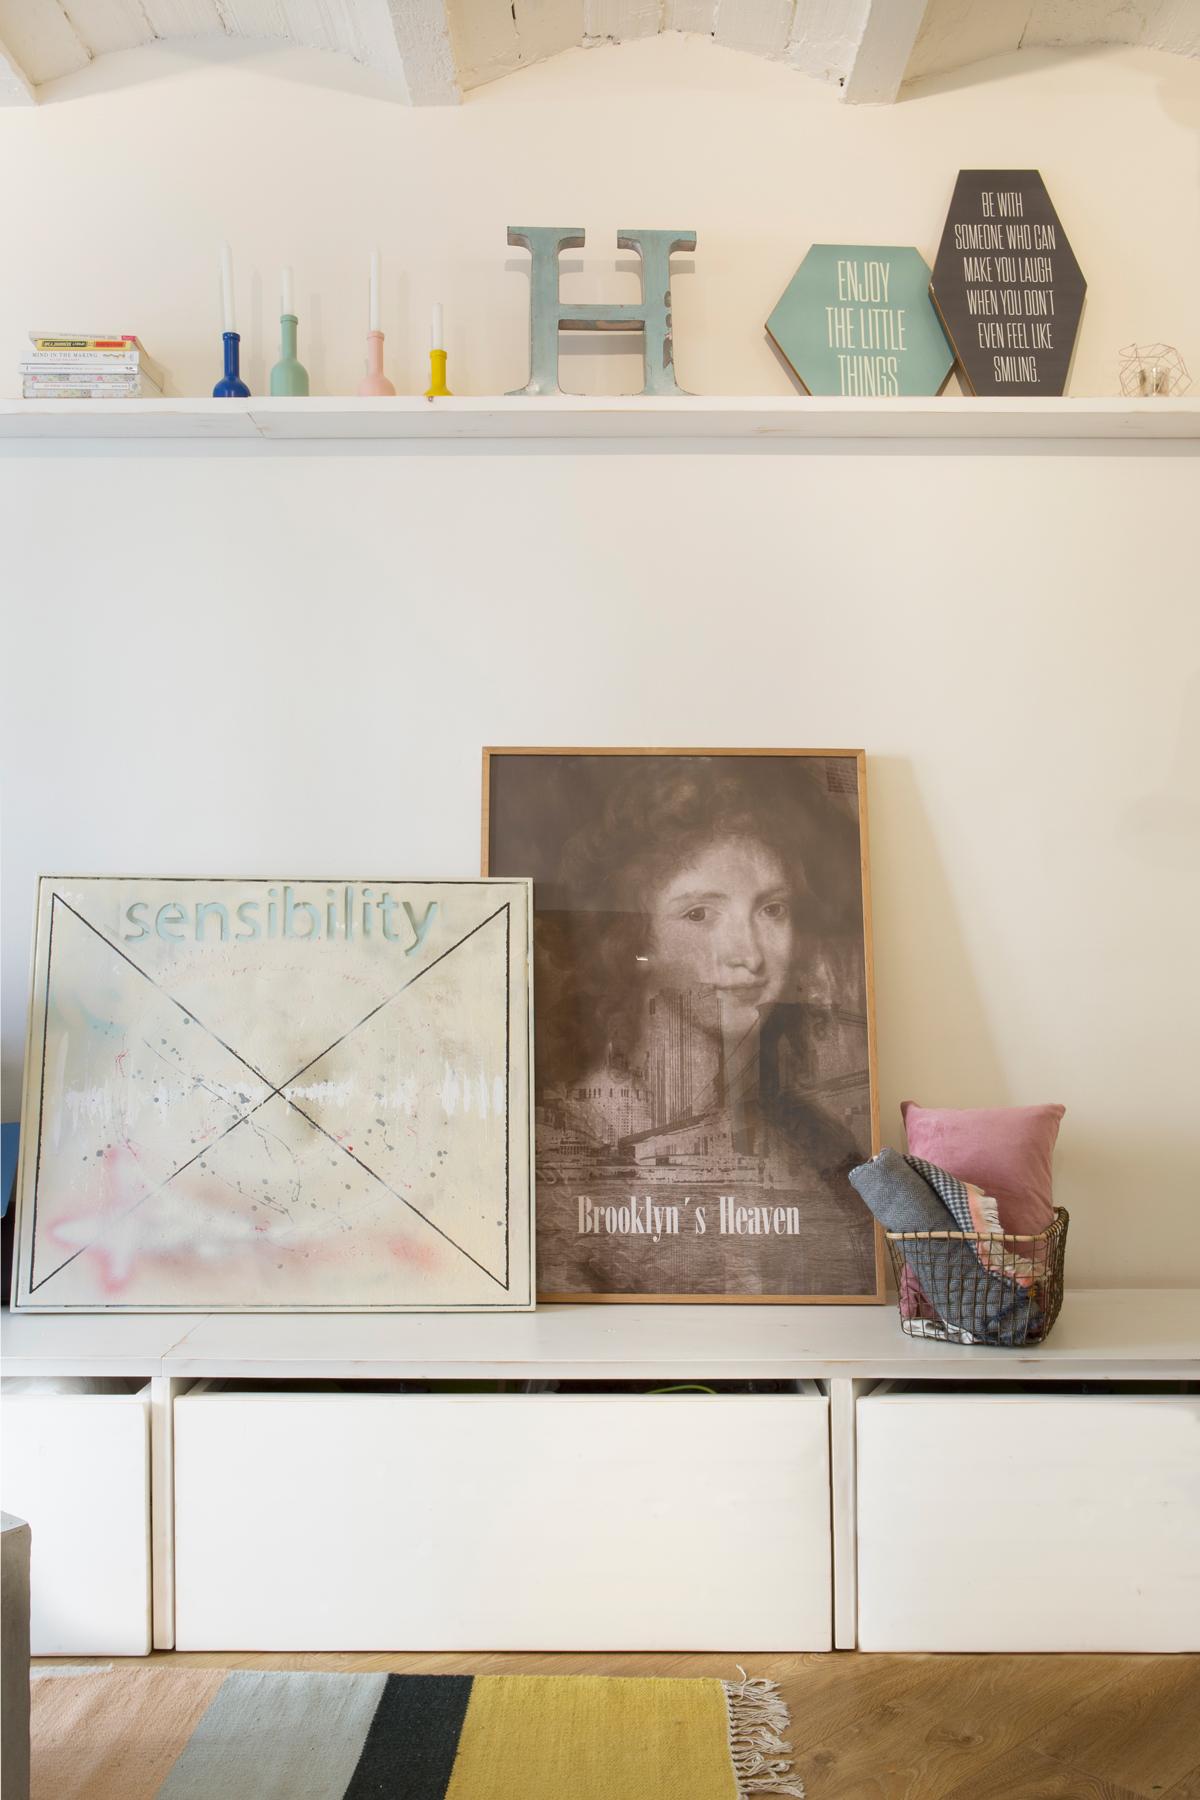 Mueble bajo de salón en blanco, con cuadros, estantería y detalles como letras y portavelas 00447156 O